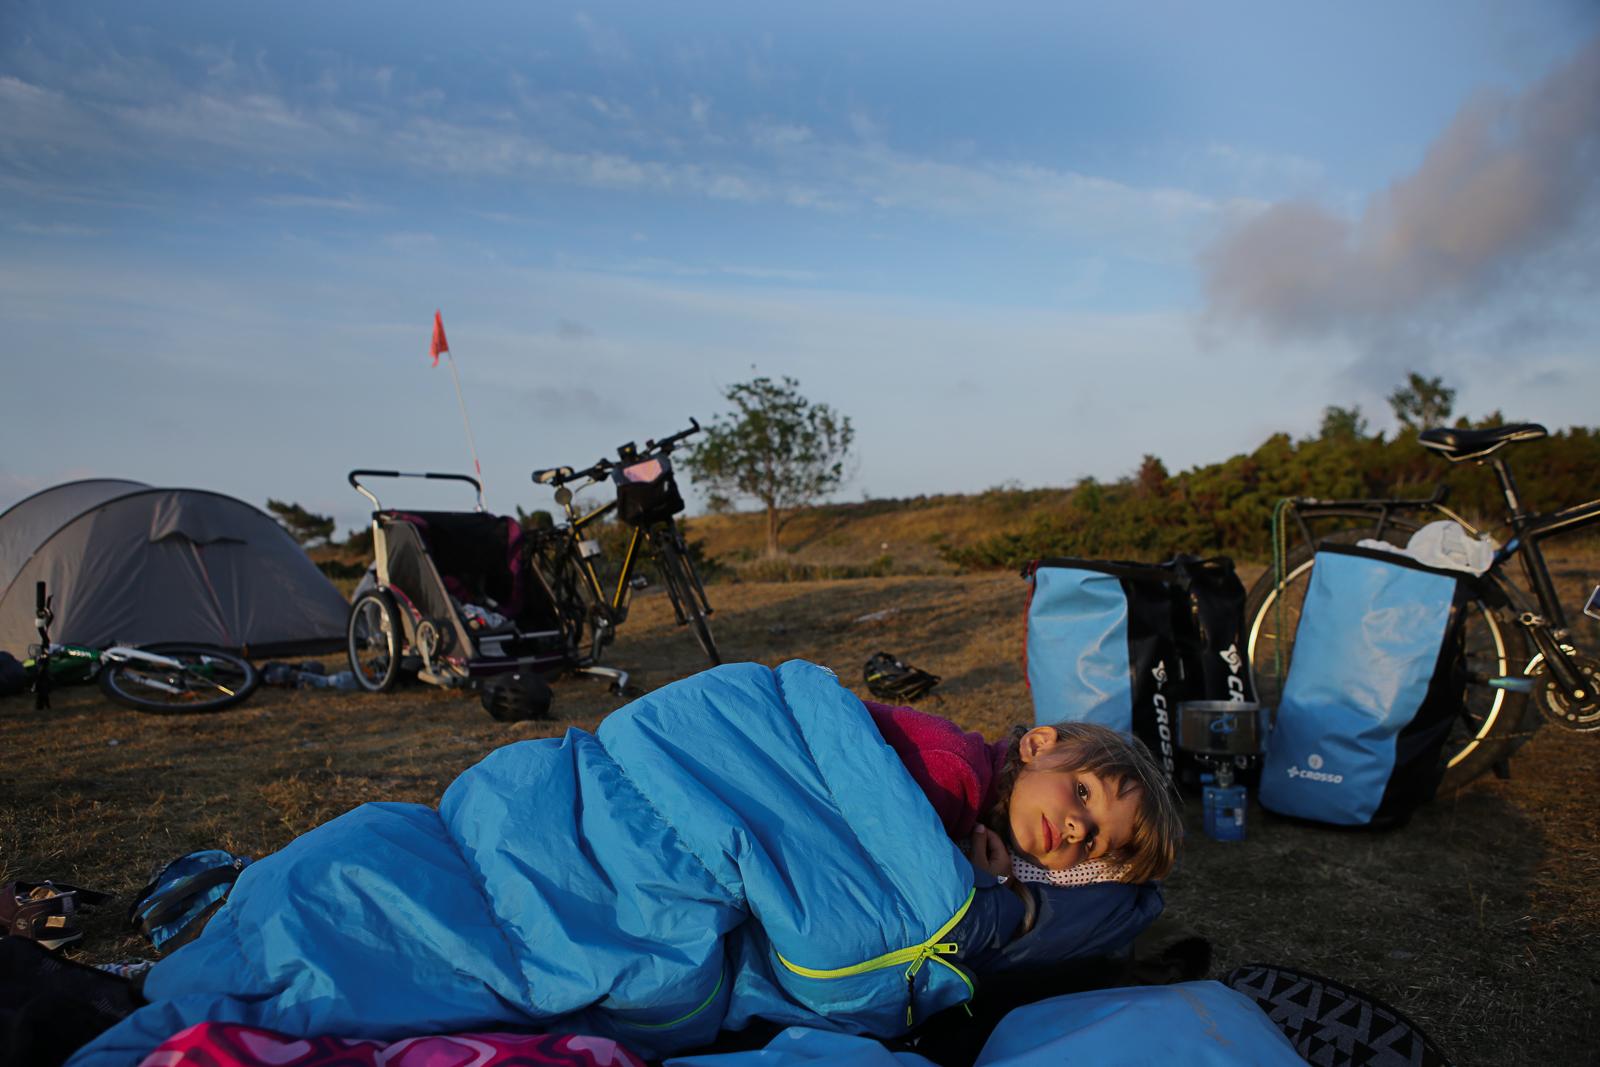 szwecja spanie na dziko012